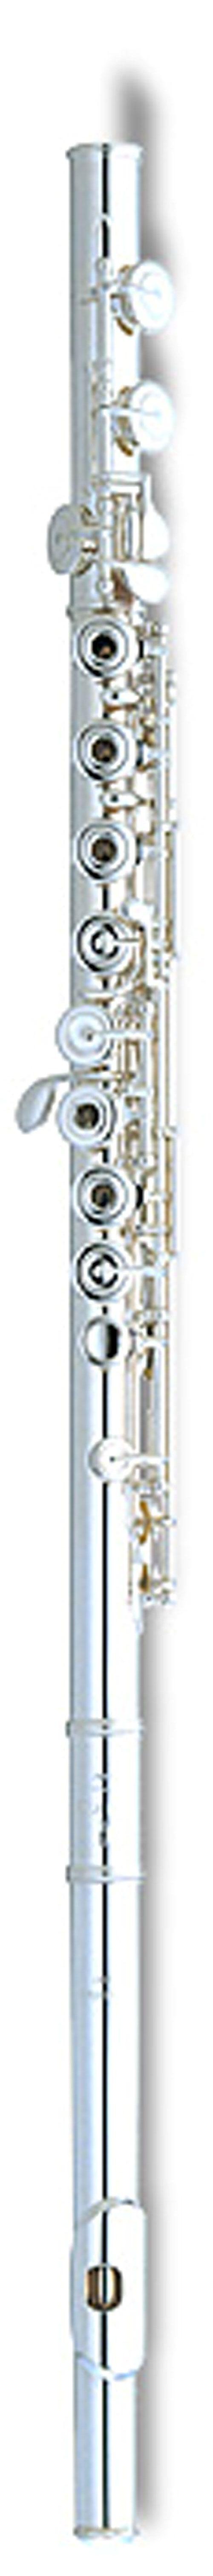 Quantz 505RE Split-E Open Hole Flute Flute: Flute